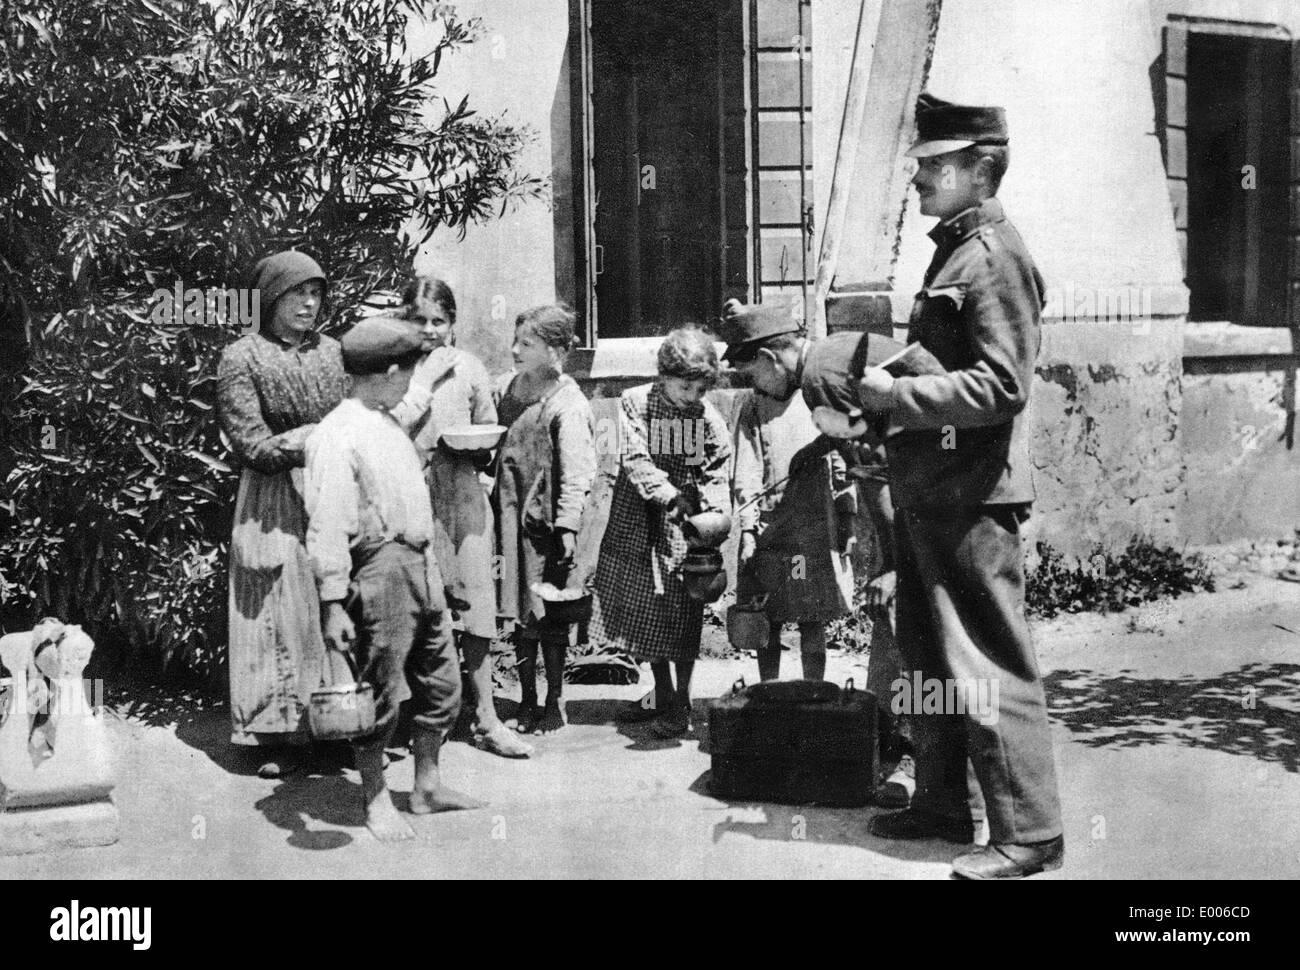 Verteilung von Nahrungsmitteln für venezianische Kinder, 1918 Stockbild